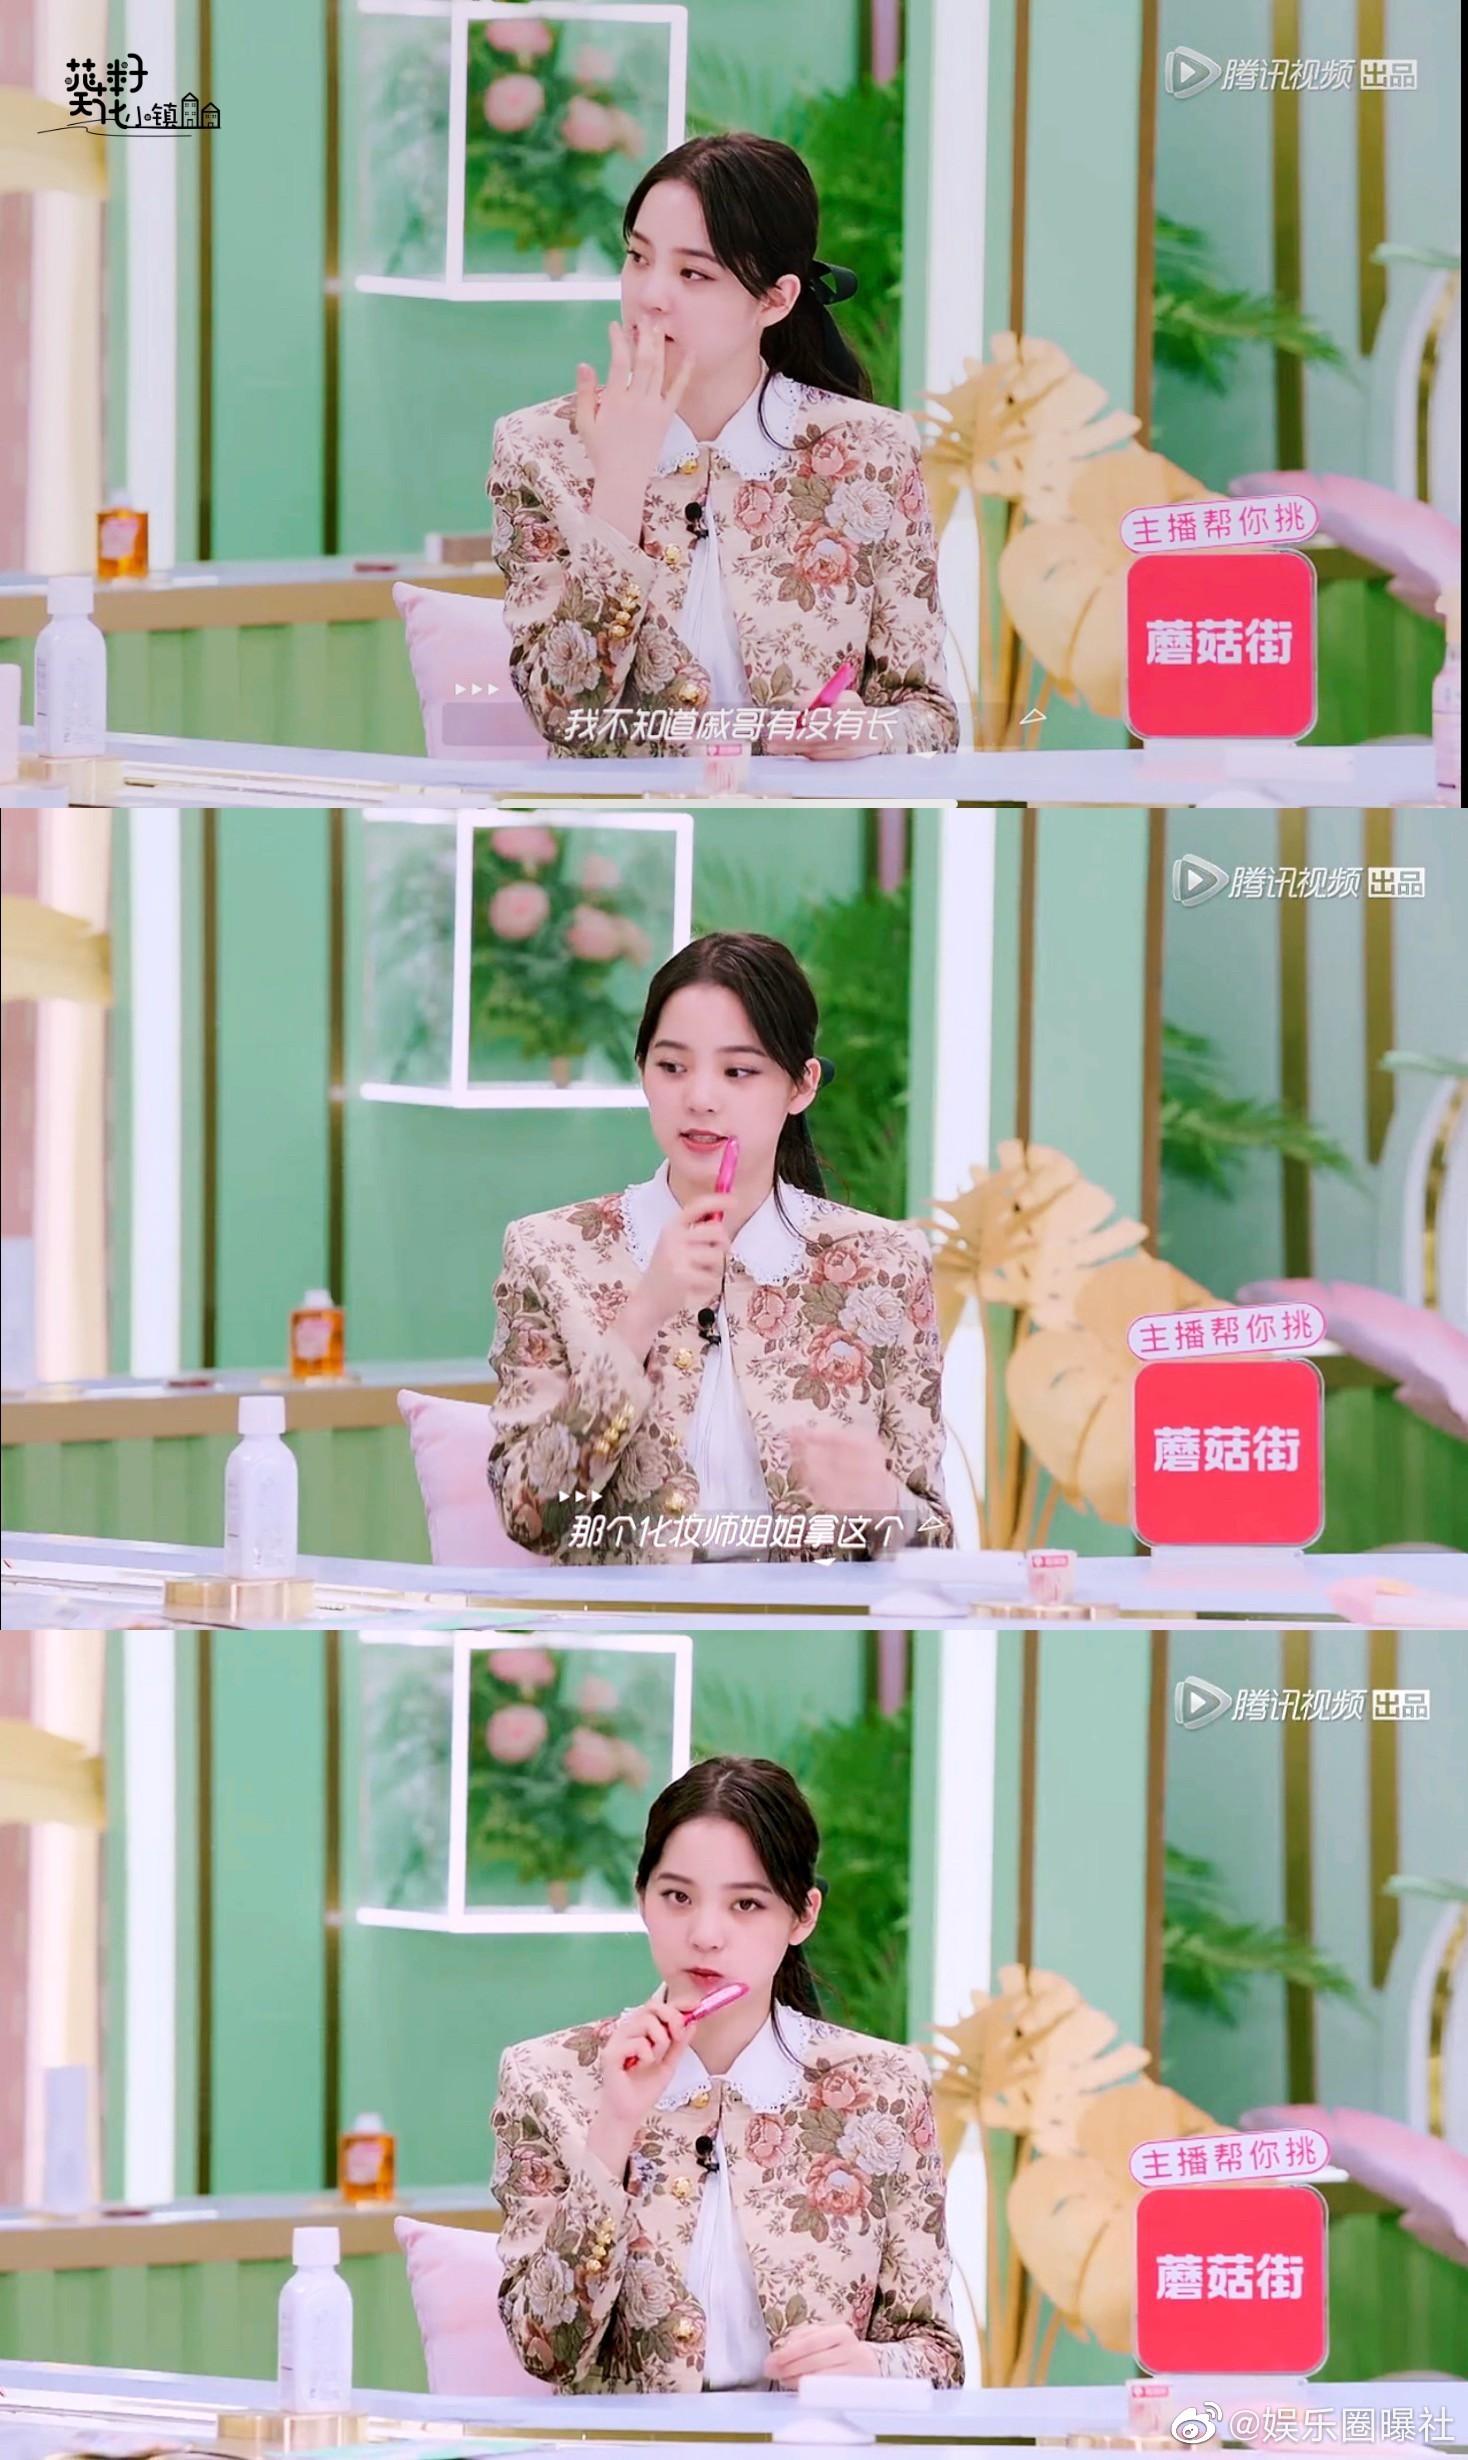 欧阳娜娜最新综艺节目《beauty小姐》,刺绣夹克搭配高腰牛仔